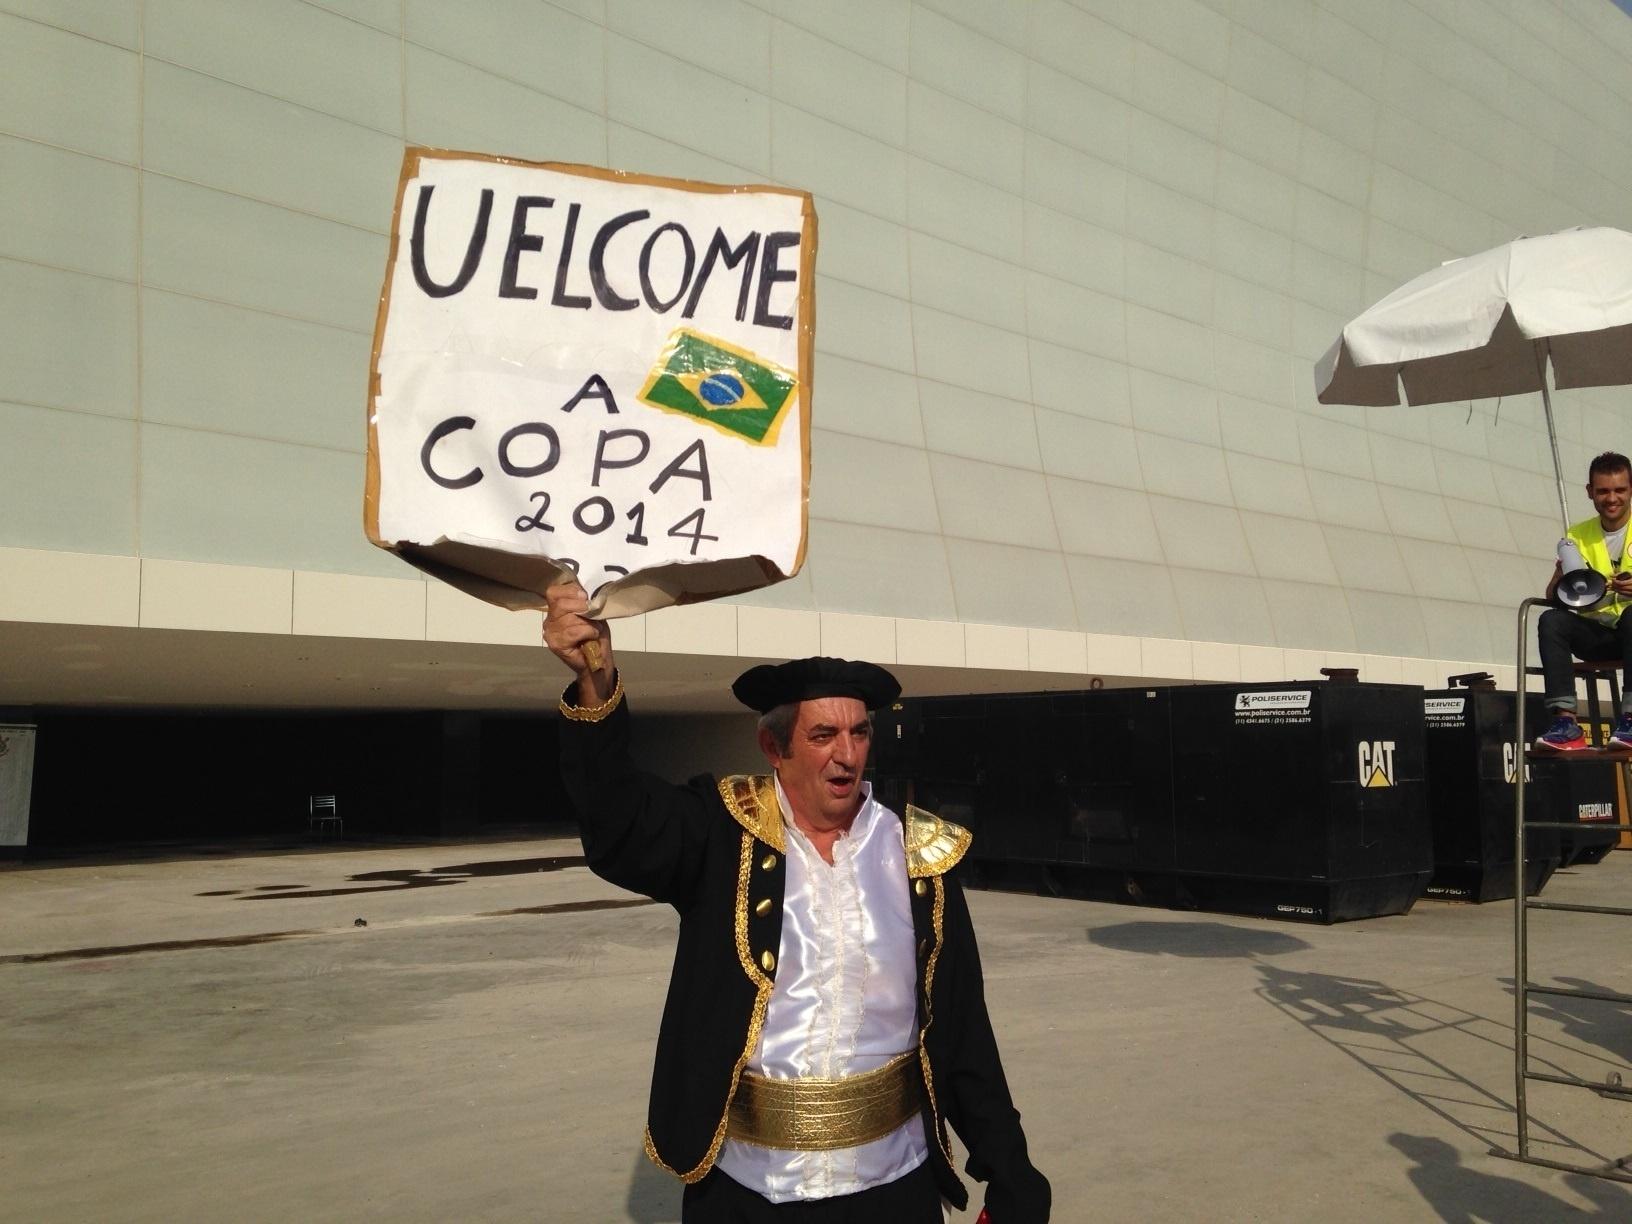 18.mai.2014 - Torcedor do Corinthians escreve cartaz em inglês para dar boas-vindas à Copa, mas erra grafia.